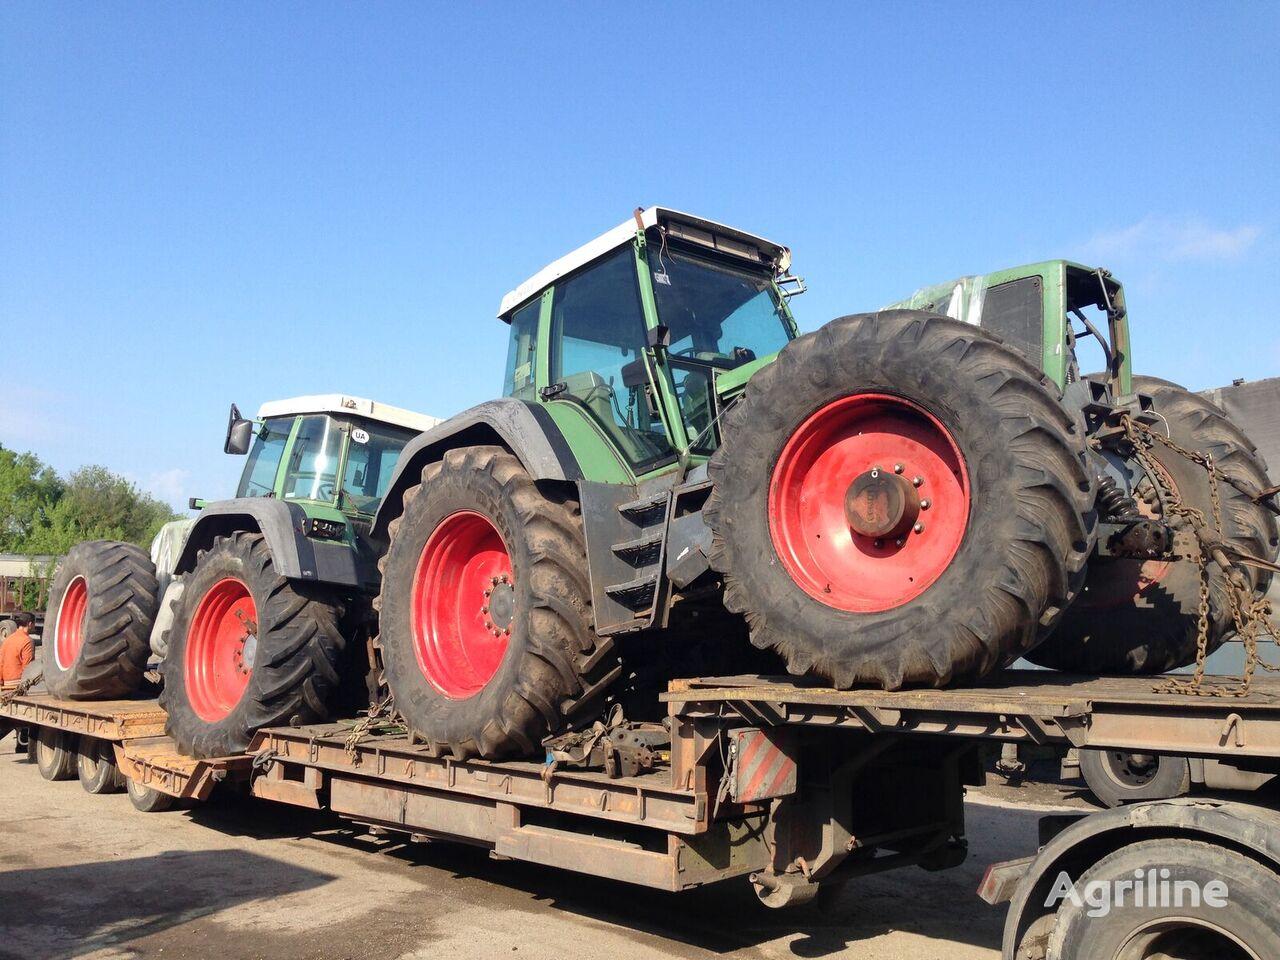 FENDT Favorit 822,824 zapchasti novye i b/u tractor de ruedas para piezas